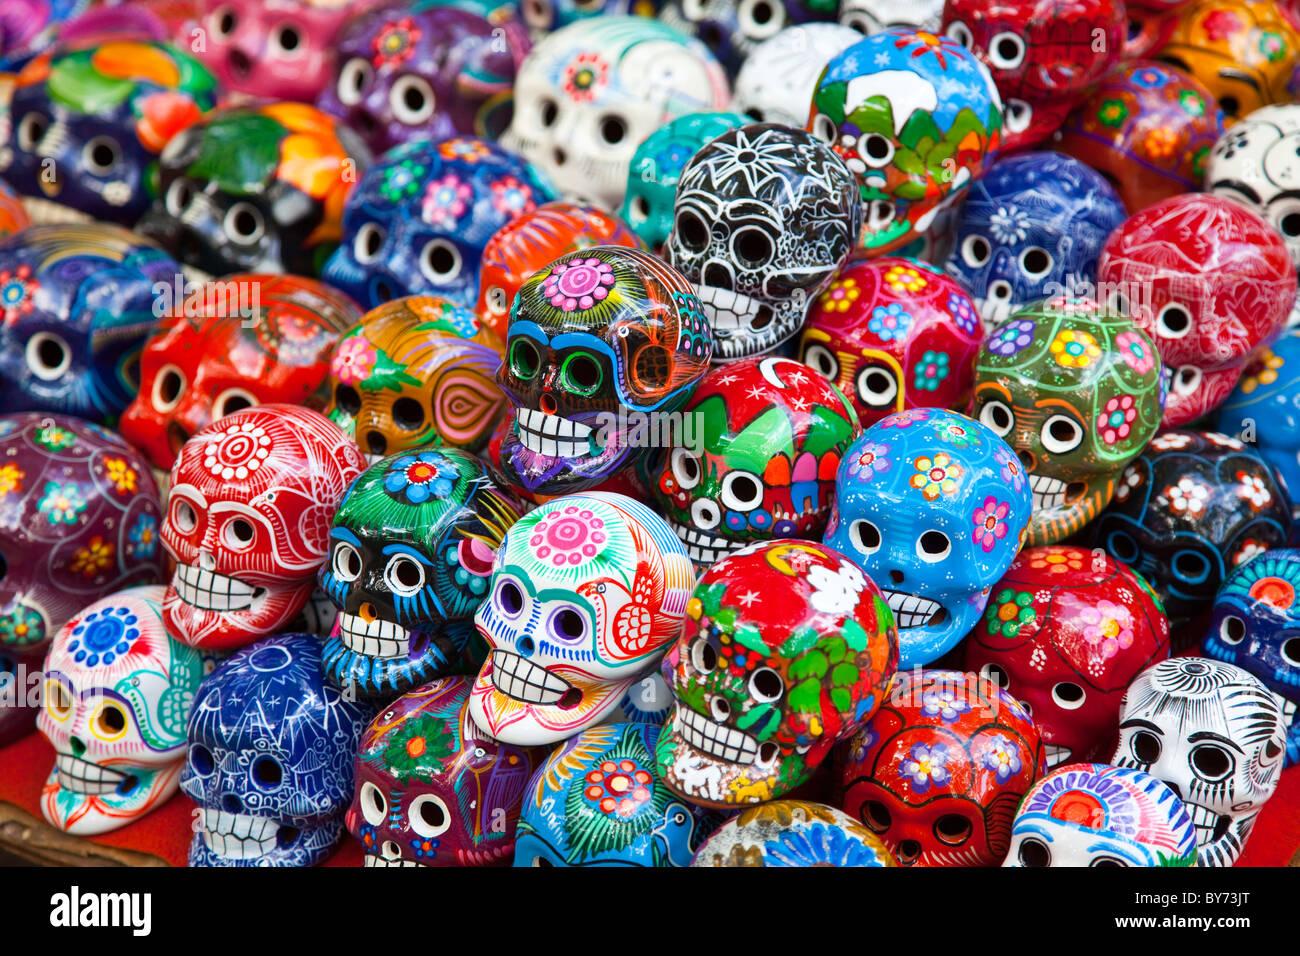 Ceramic souvenirs at Chichen Itza, Mexico - Stock Image